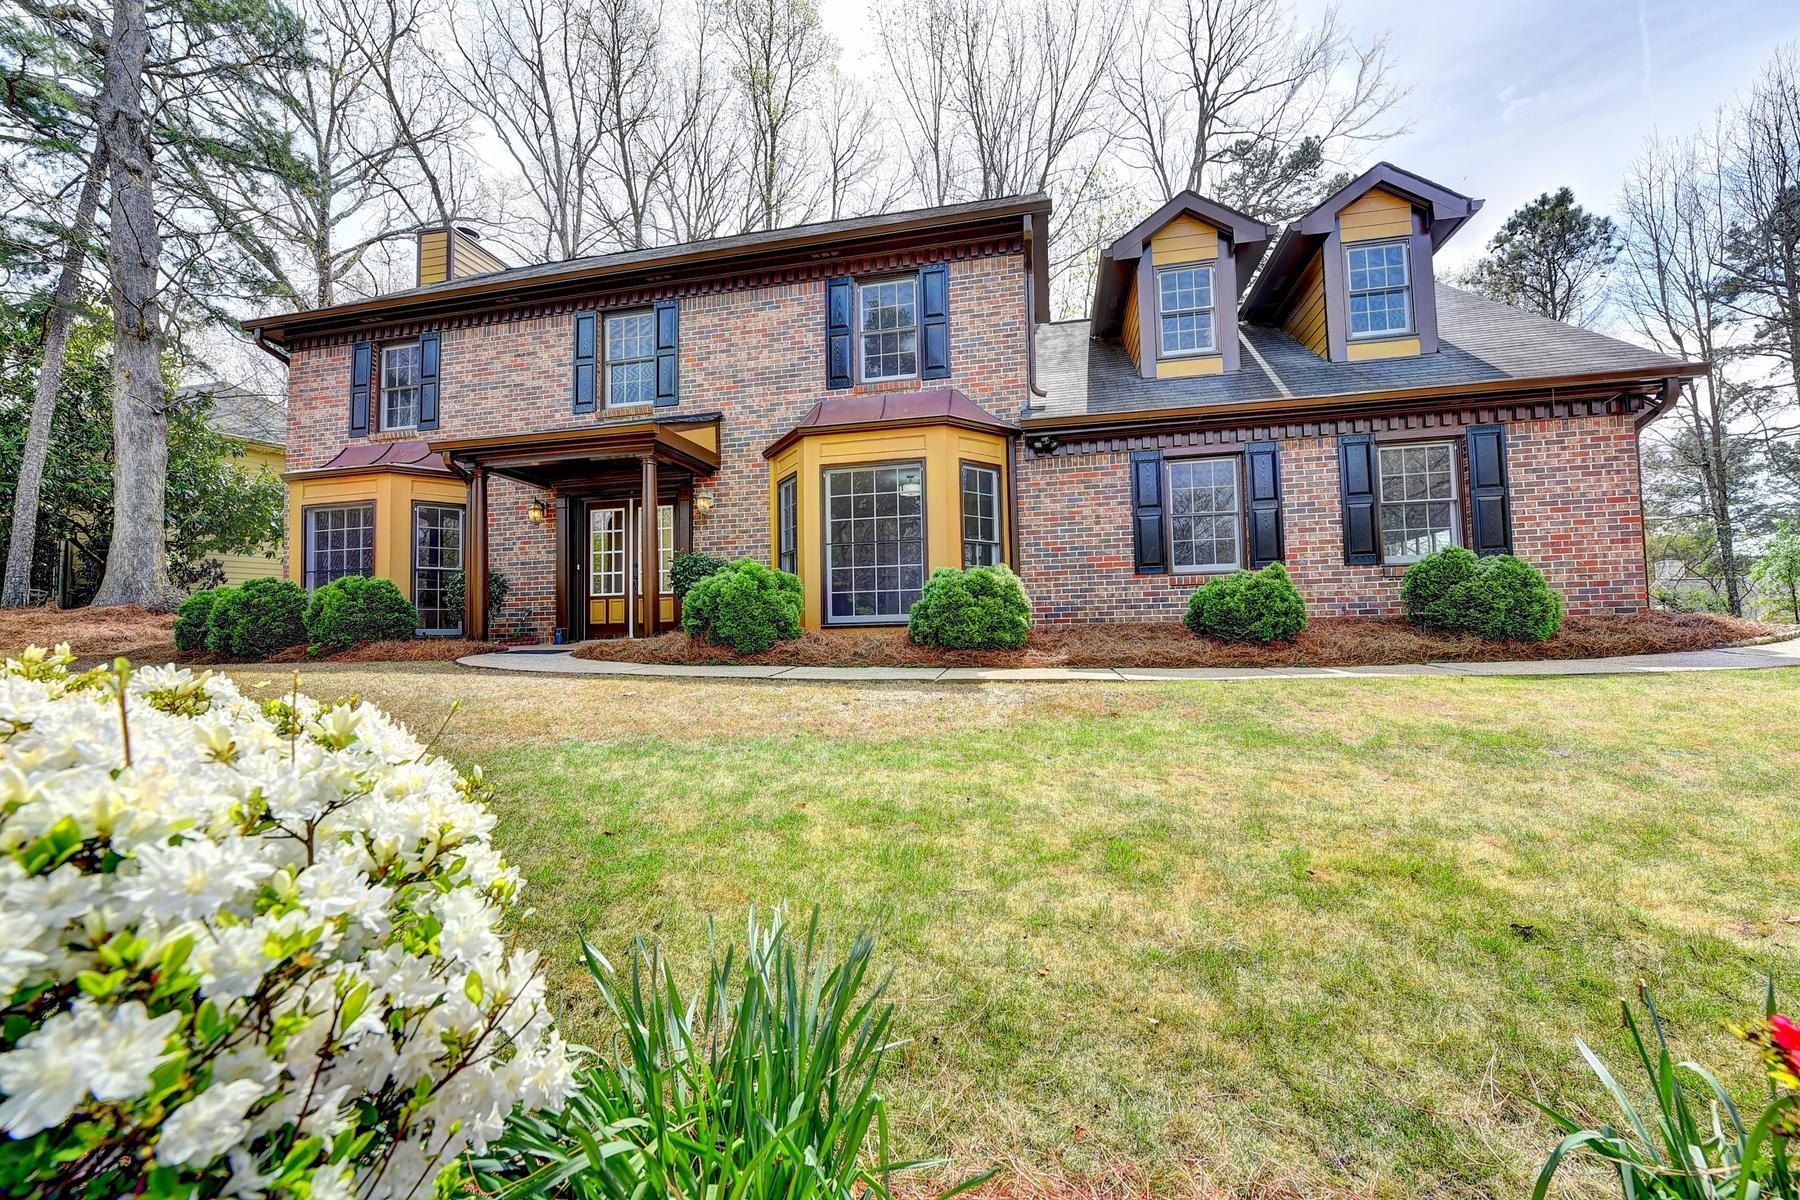 Villa per Vendita alle ore Well Maintained Brick Cul-De-Sac Home! 510 Bellfield Ct Roswell, Georgia 30076 Stati Uniti